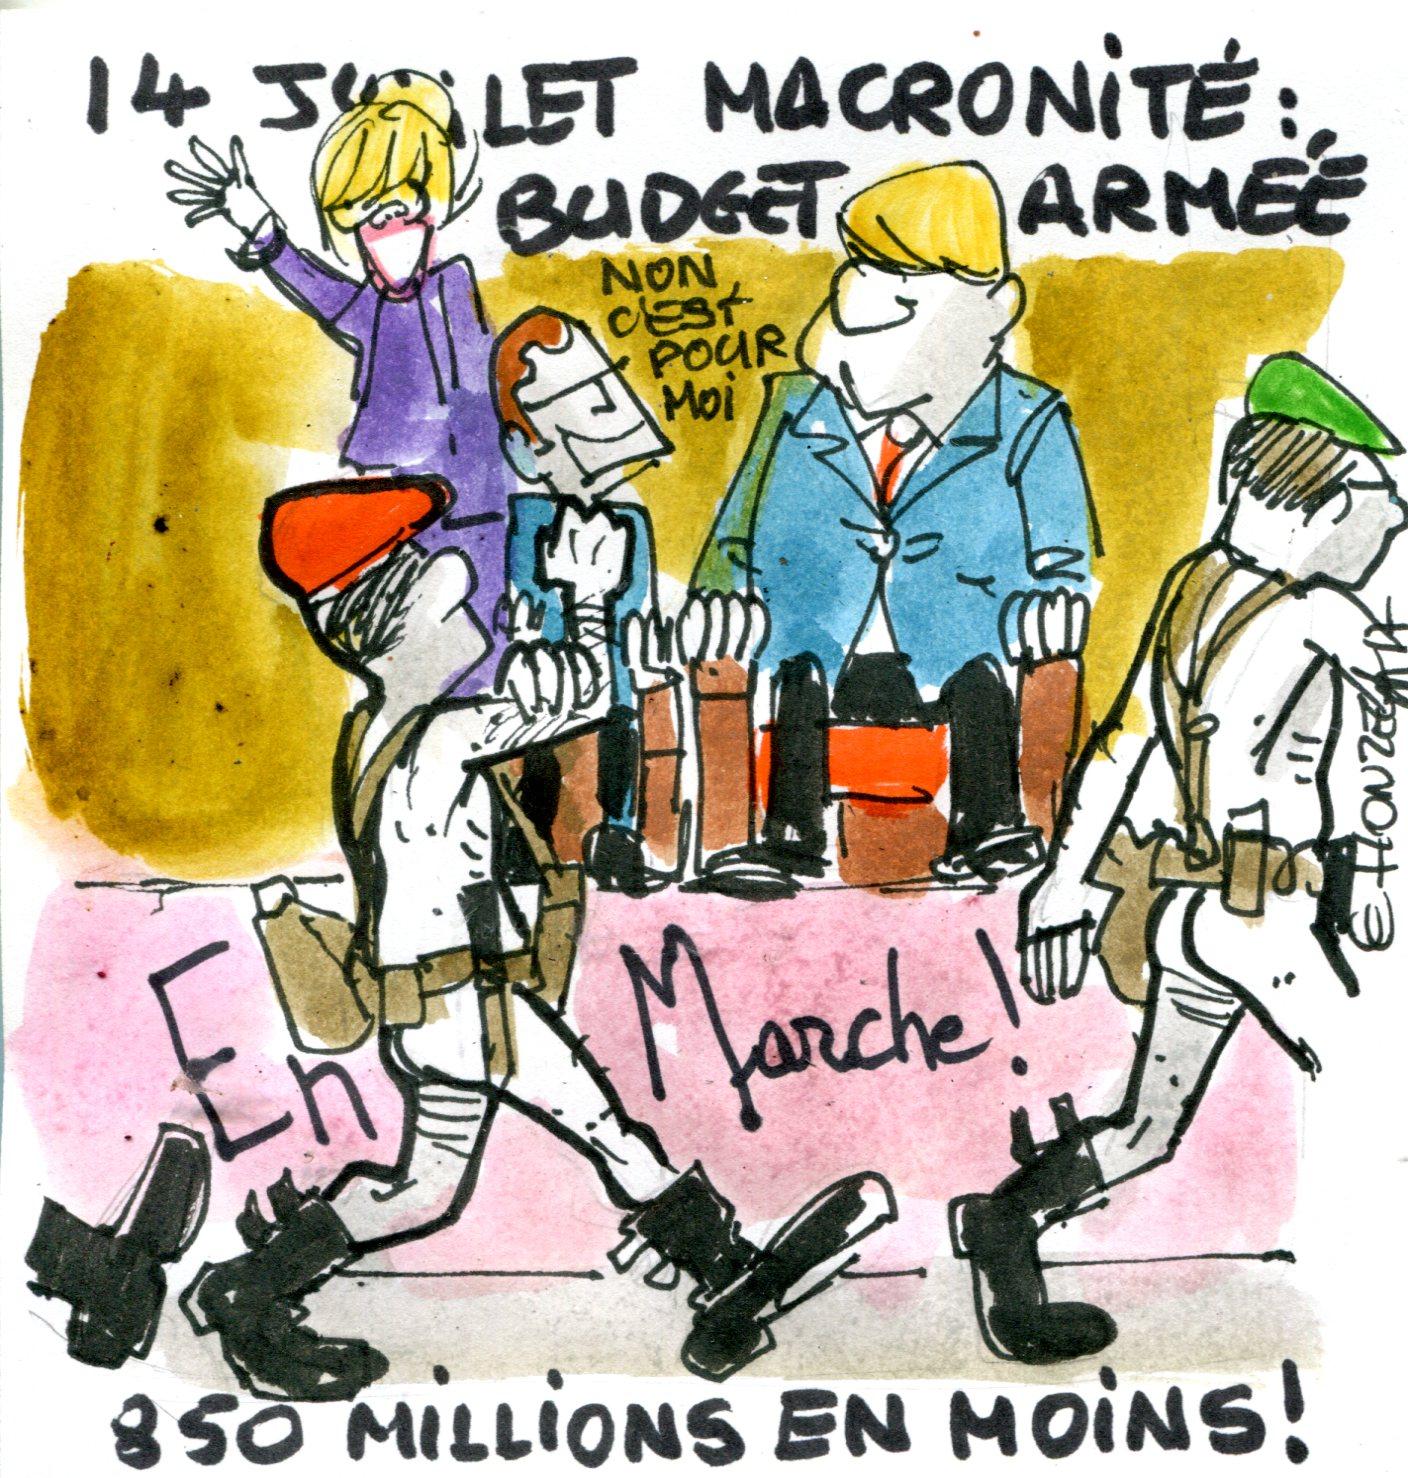 Emmanuel Macron baisse les dépenses aux armées (Crédits : René Le Honzec/Contrepoints, licence CC-BY 2.0)